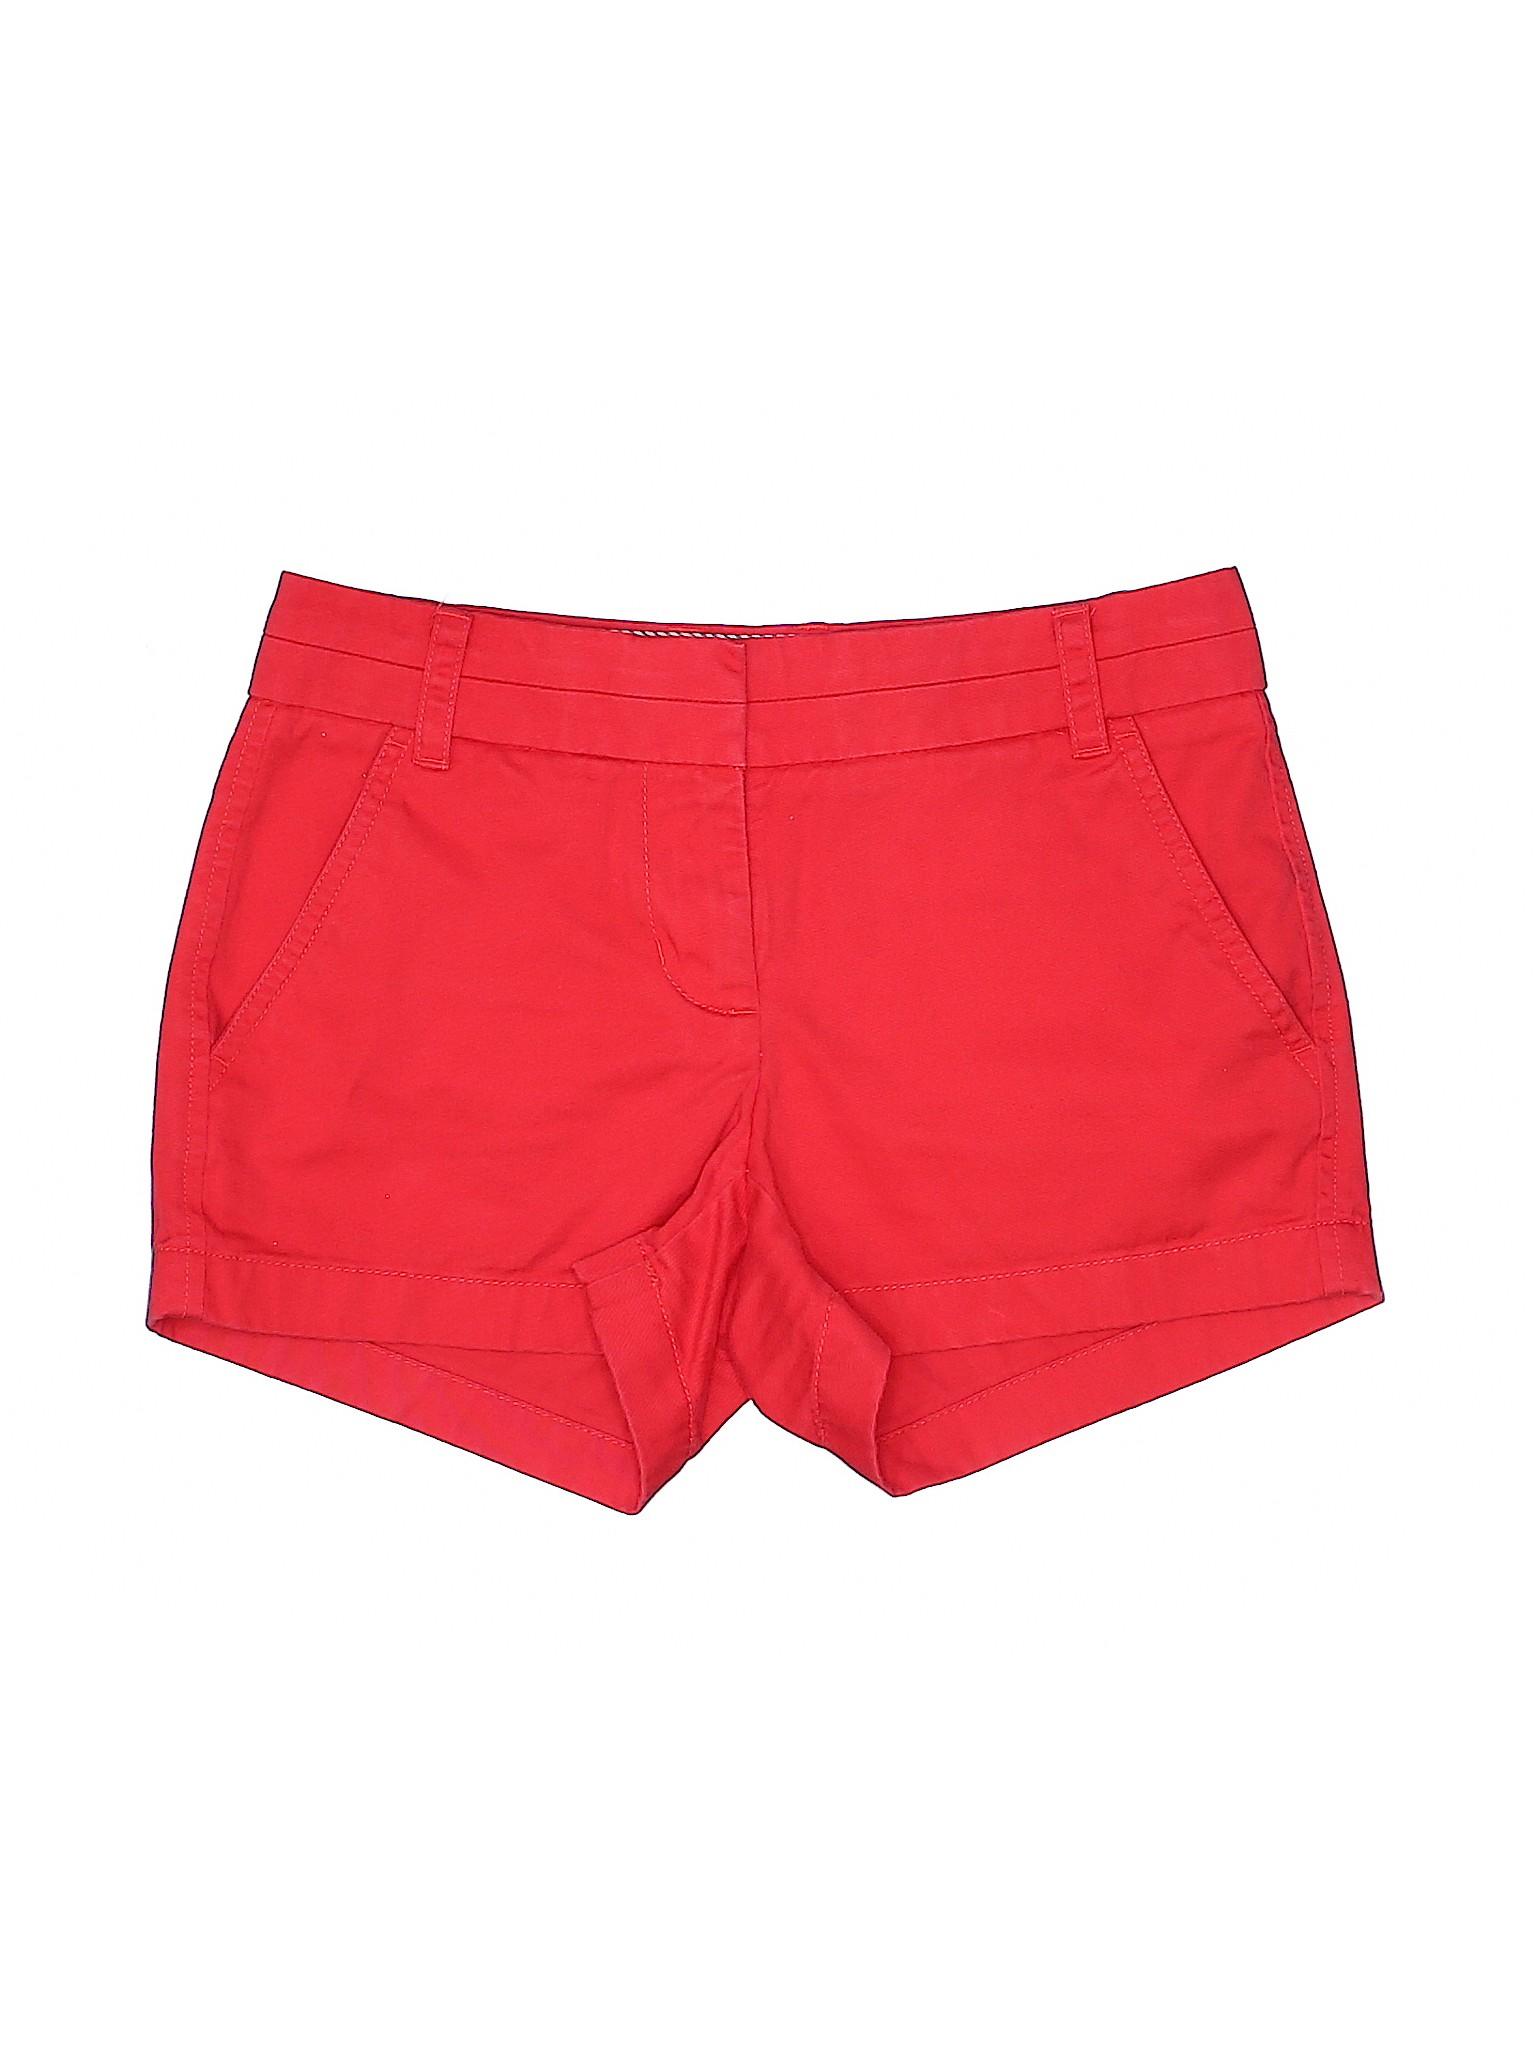 Boutique Boutique Crew Khaki Shorts Khaki J J J Shorts Crew Khaki Boutique Shorts Crew qpxRqf8